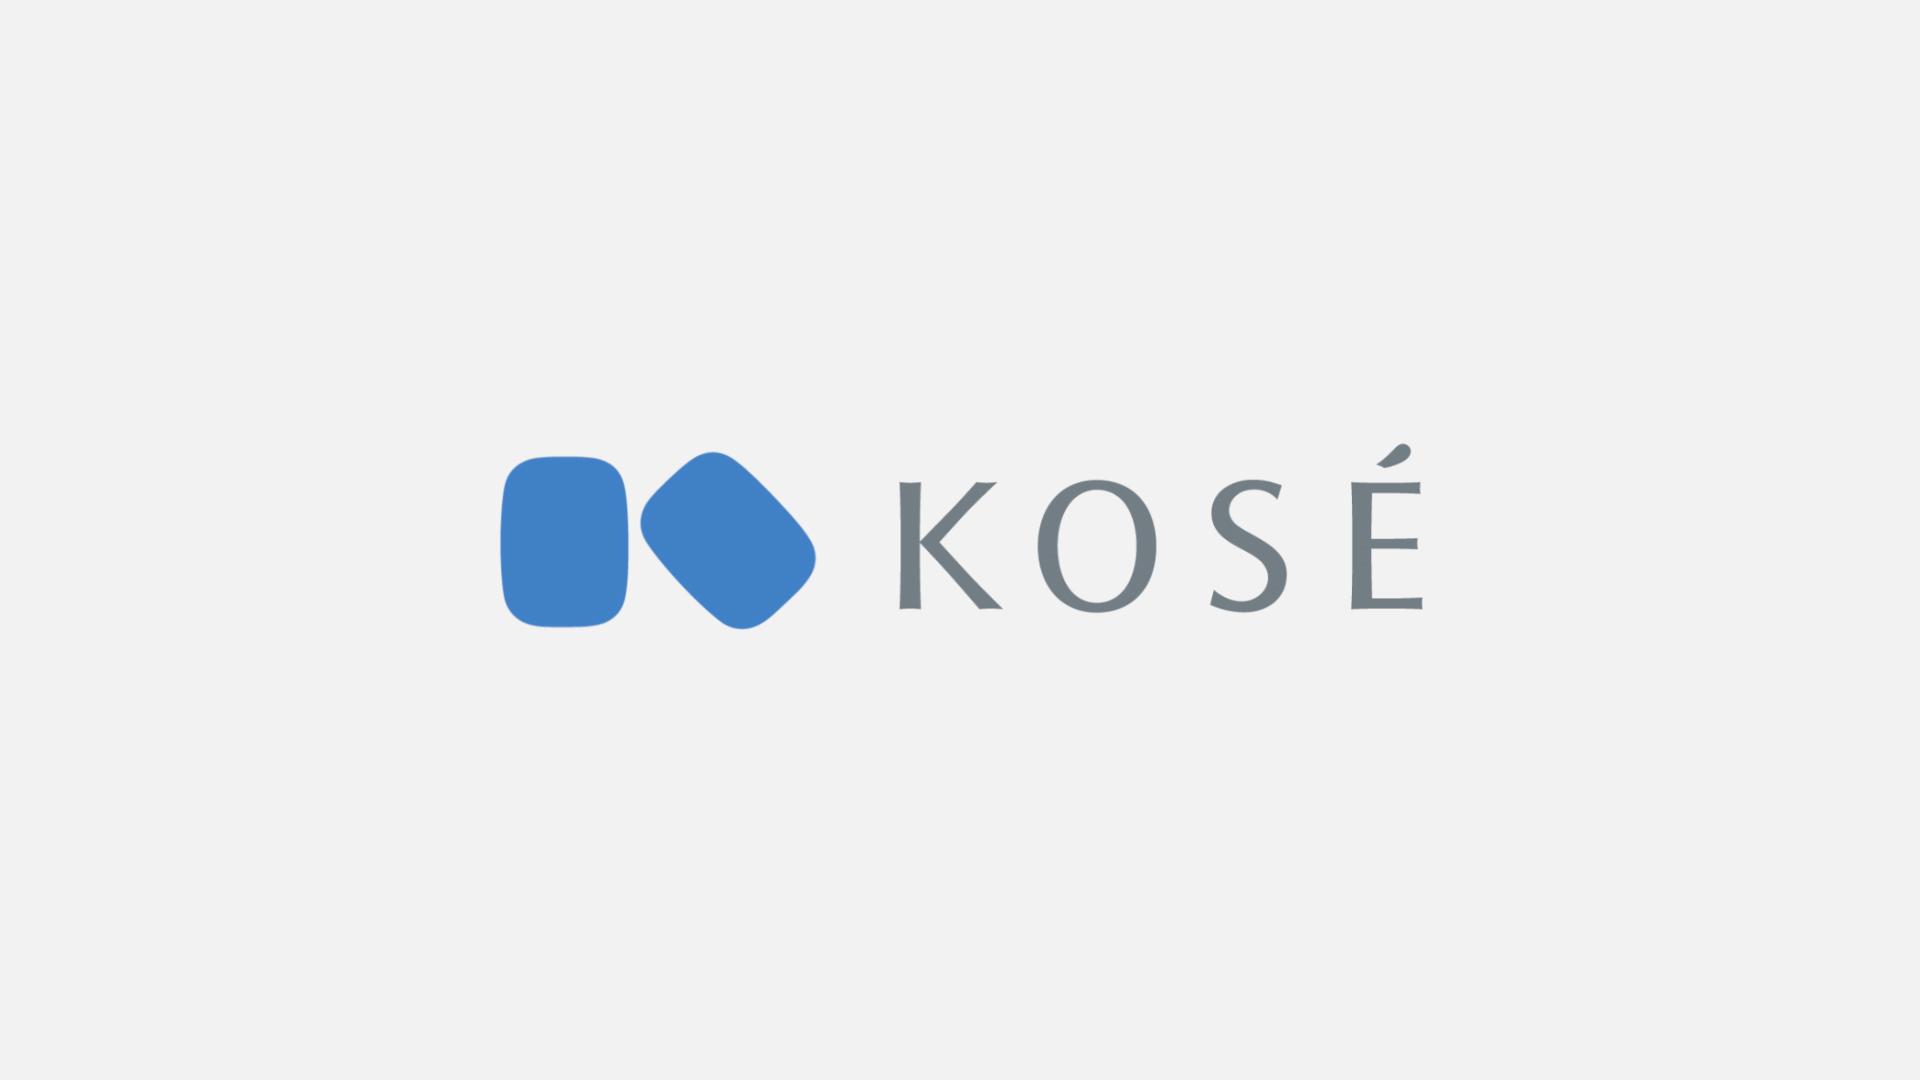 KOSE(コーセー)・LOGO(ロゴ)